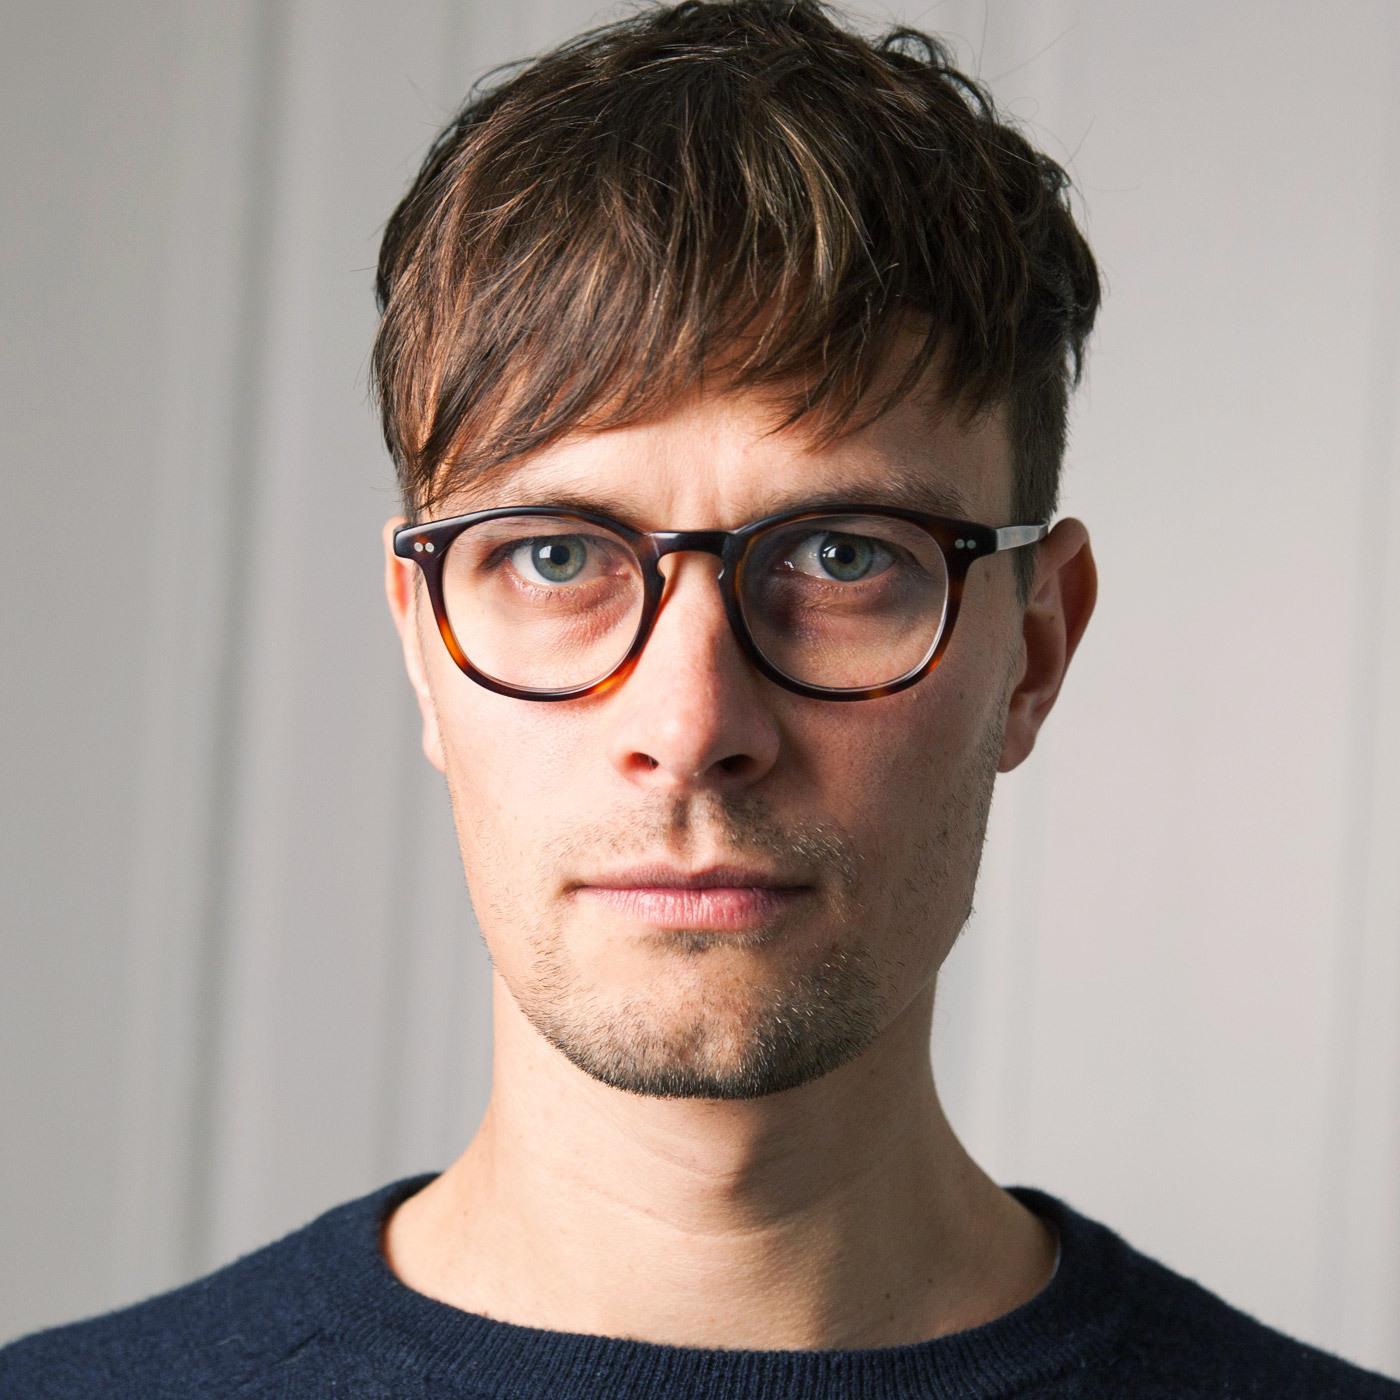 braunhaarige Mann mit brauner Brille und seriösem Gesichtsausdruck